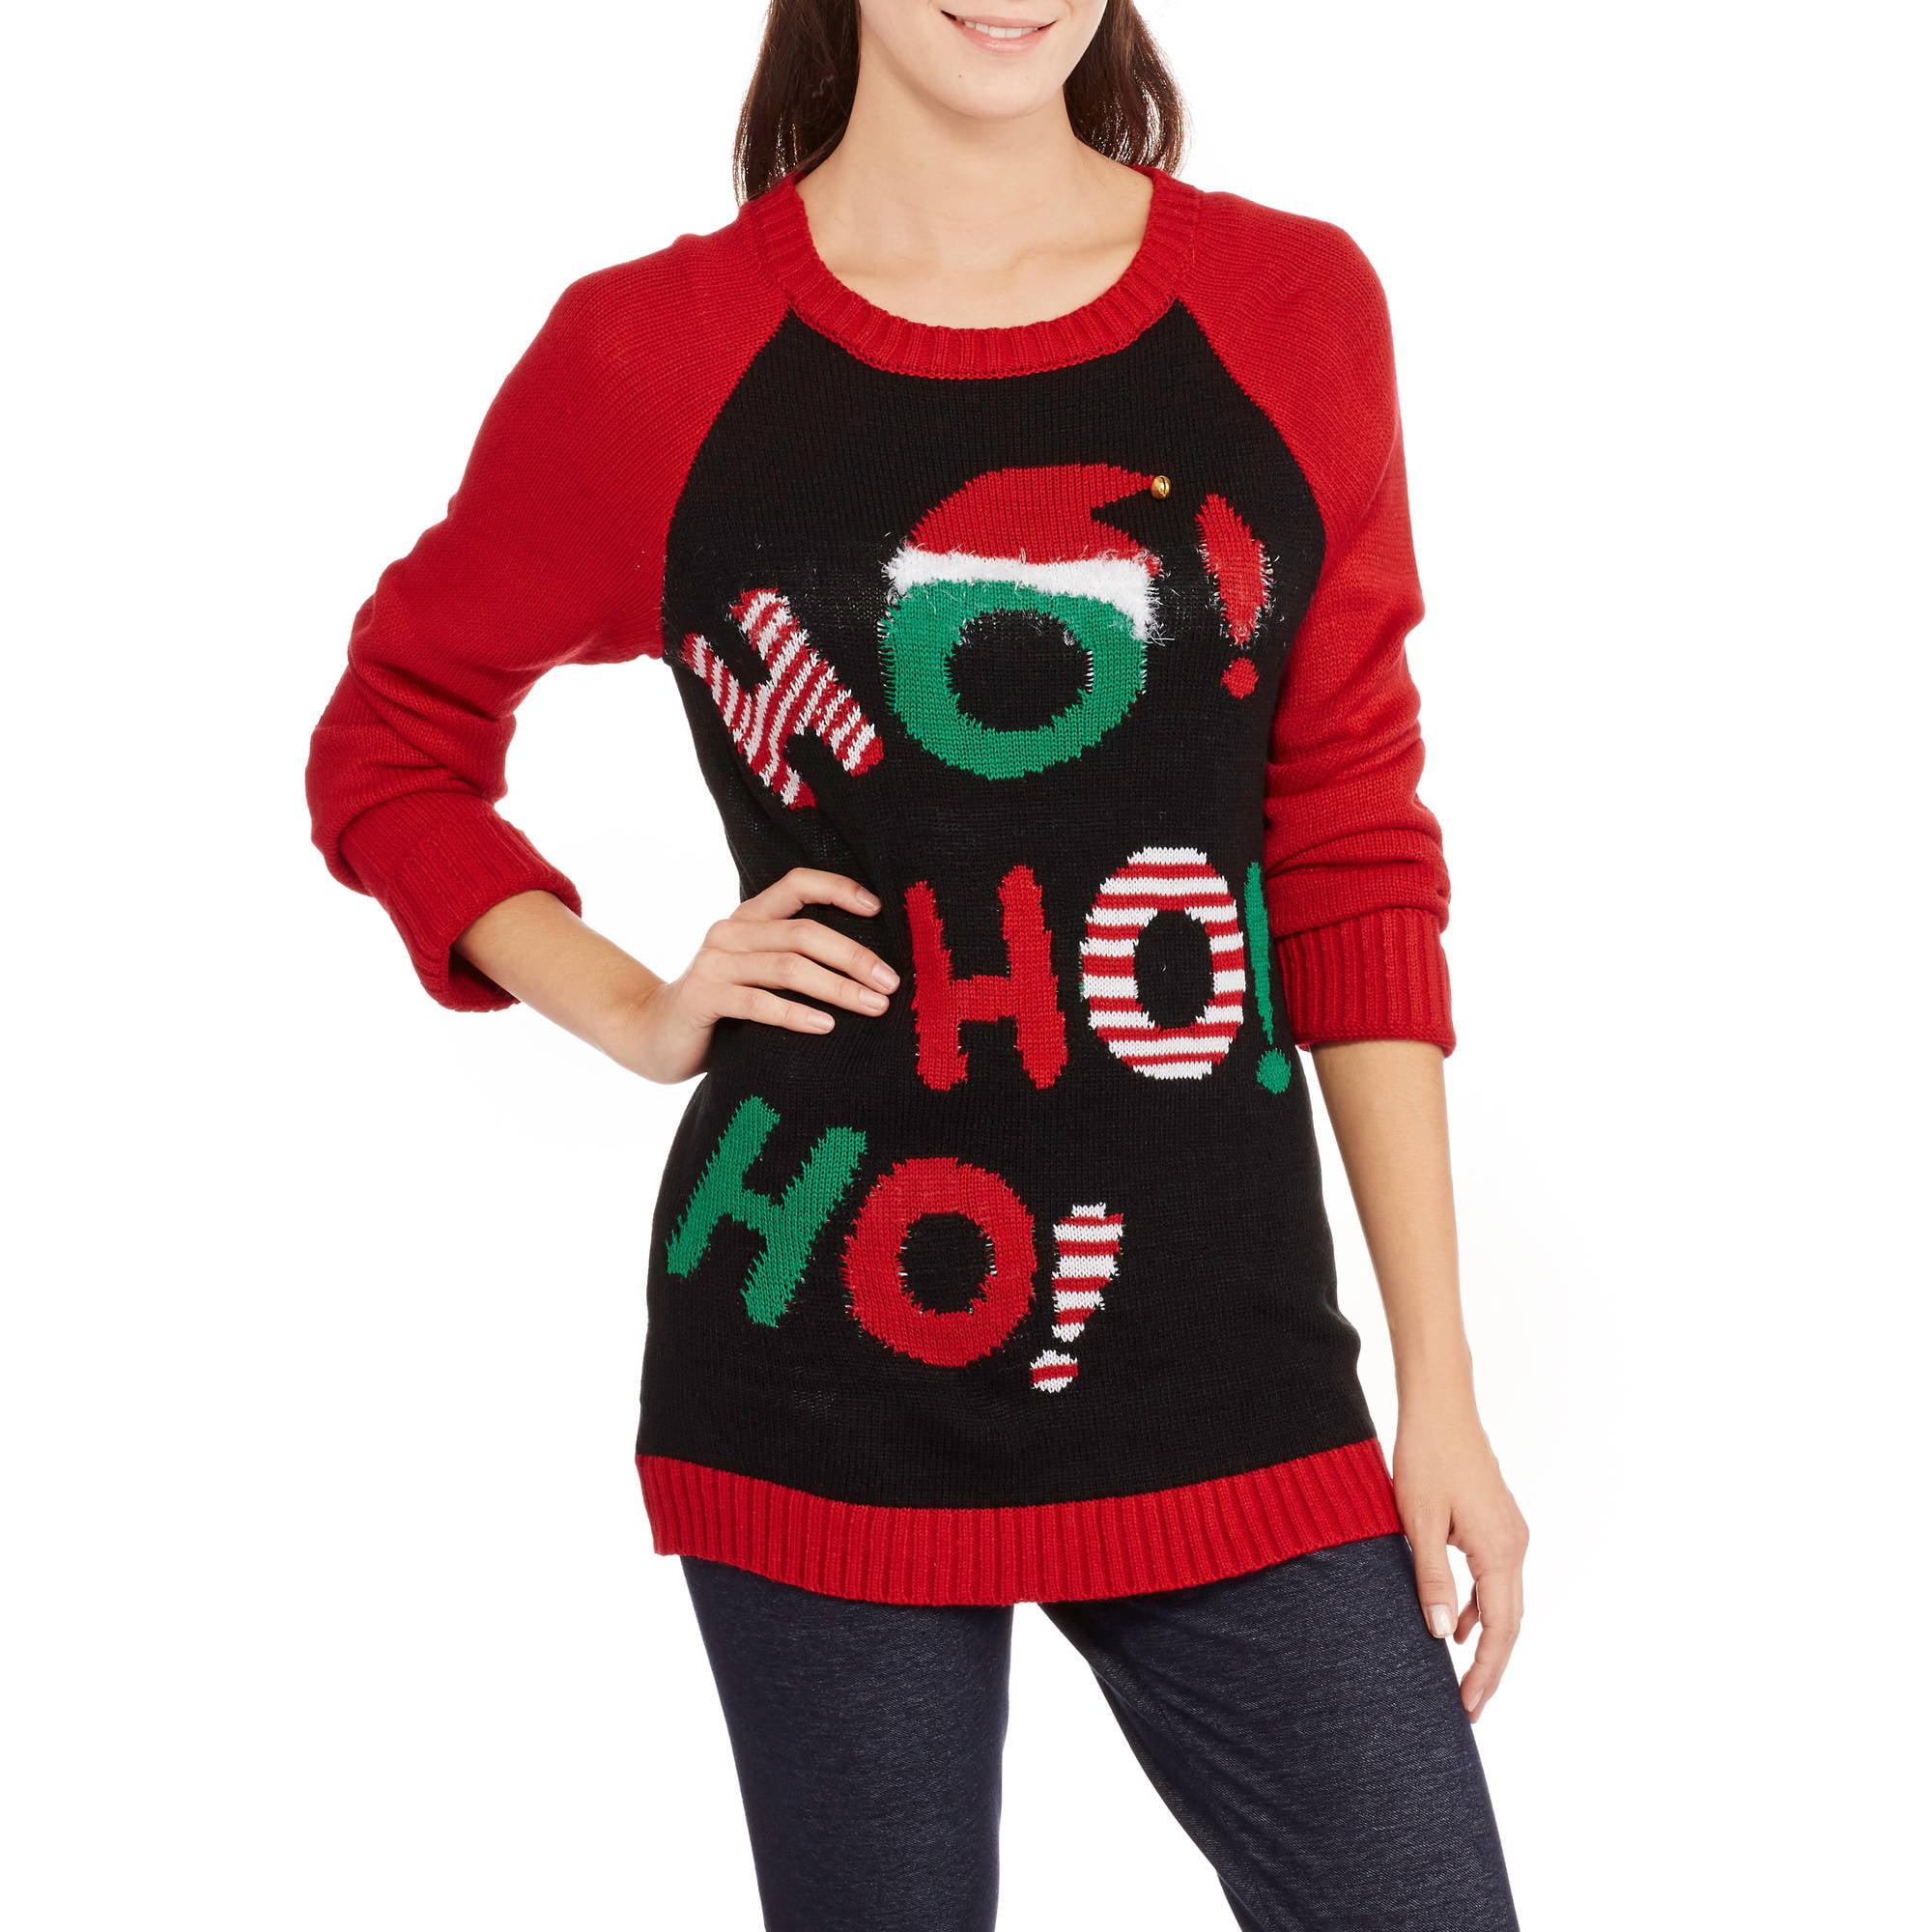 No Boundaries Juniors' Christmas Sweater - Walmart.com